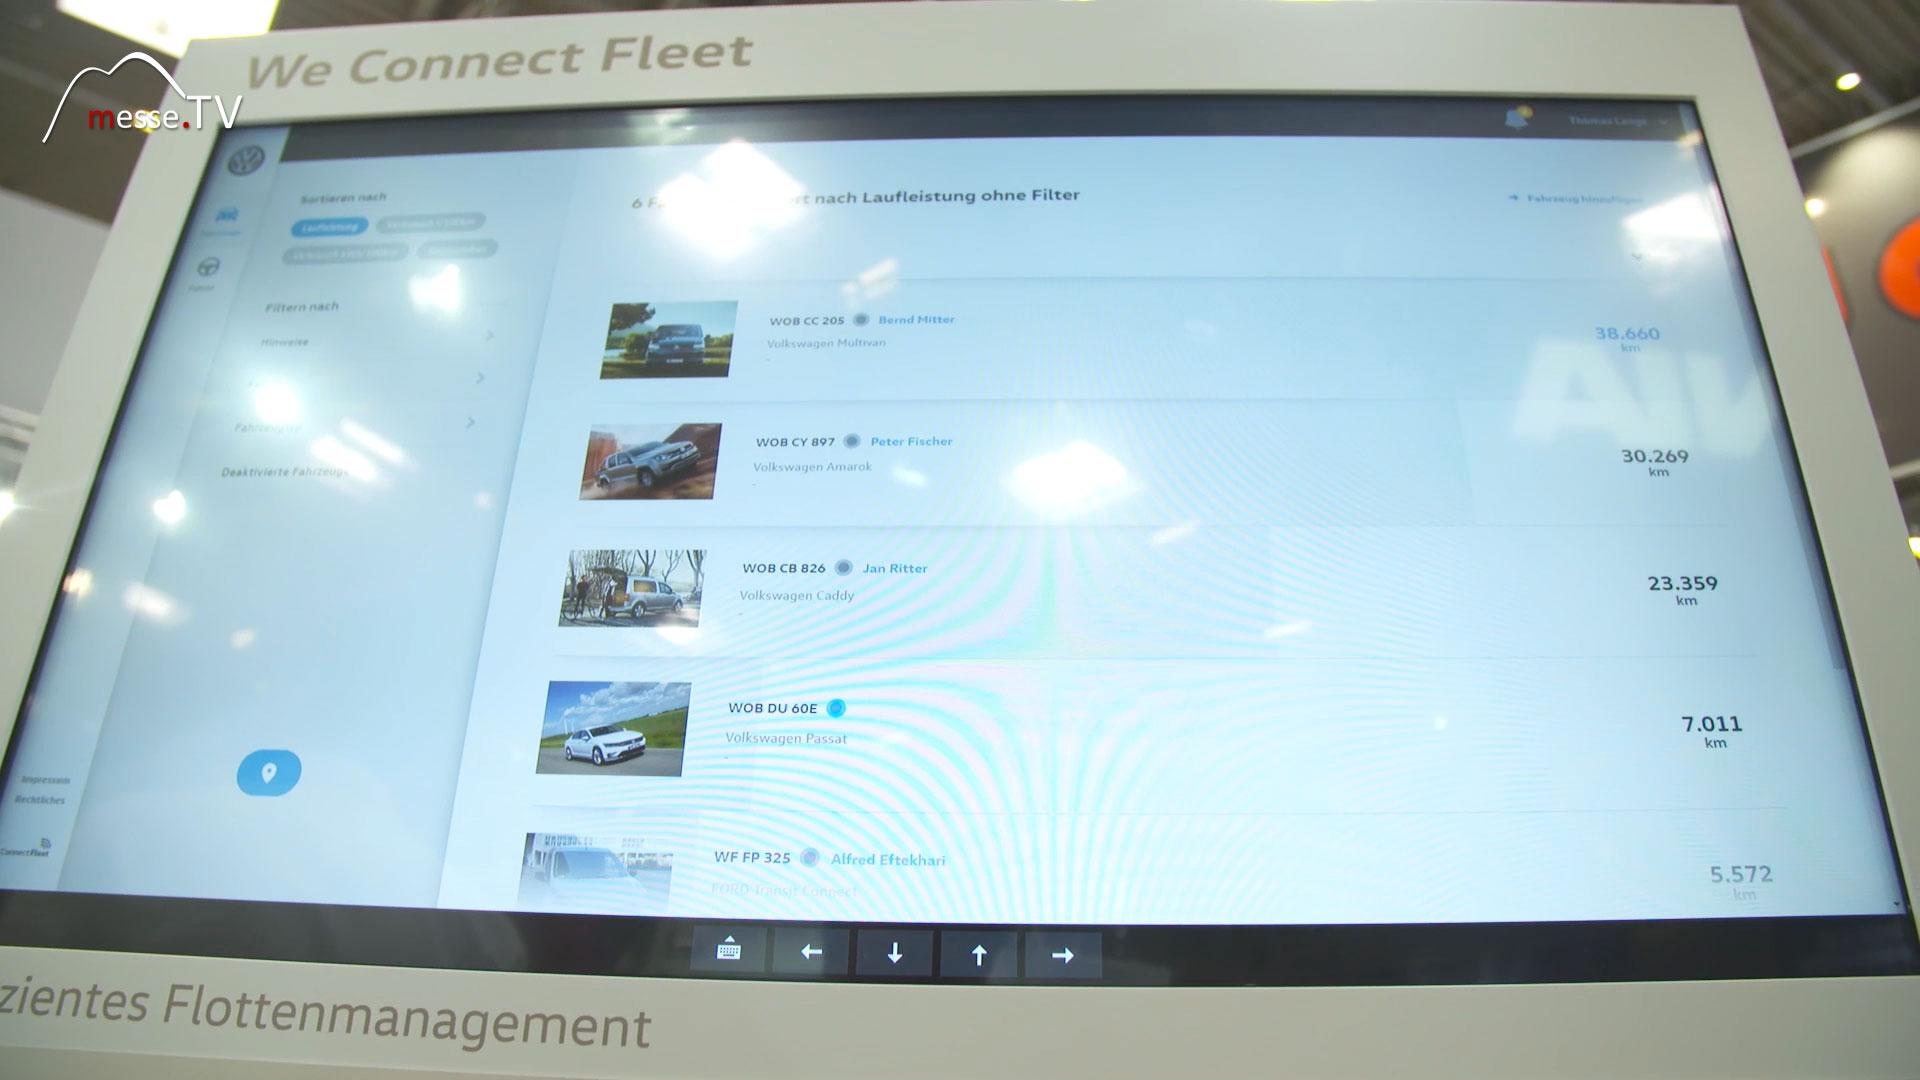 VW Nutzfahrzeuge: We connect Fleet effizientes Flottenmanagement